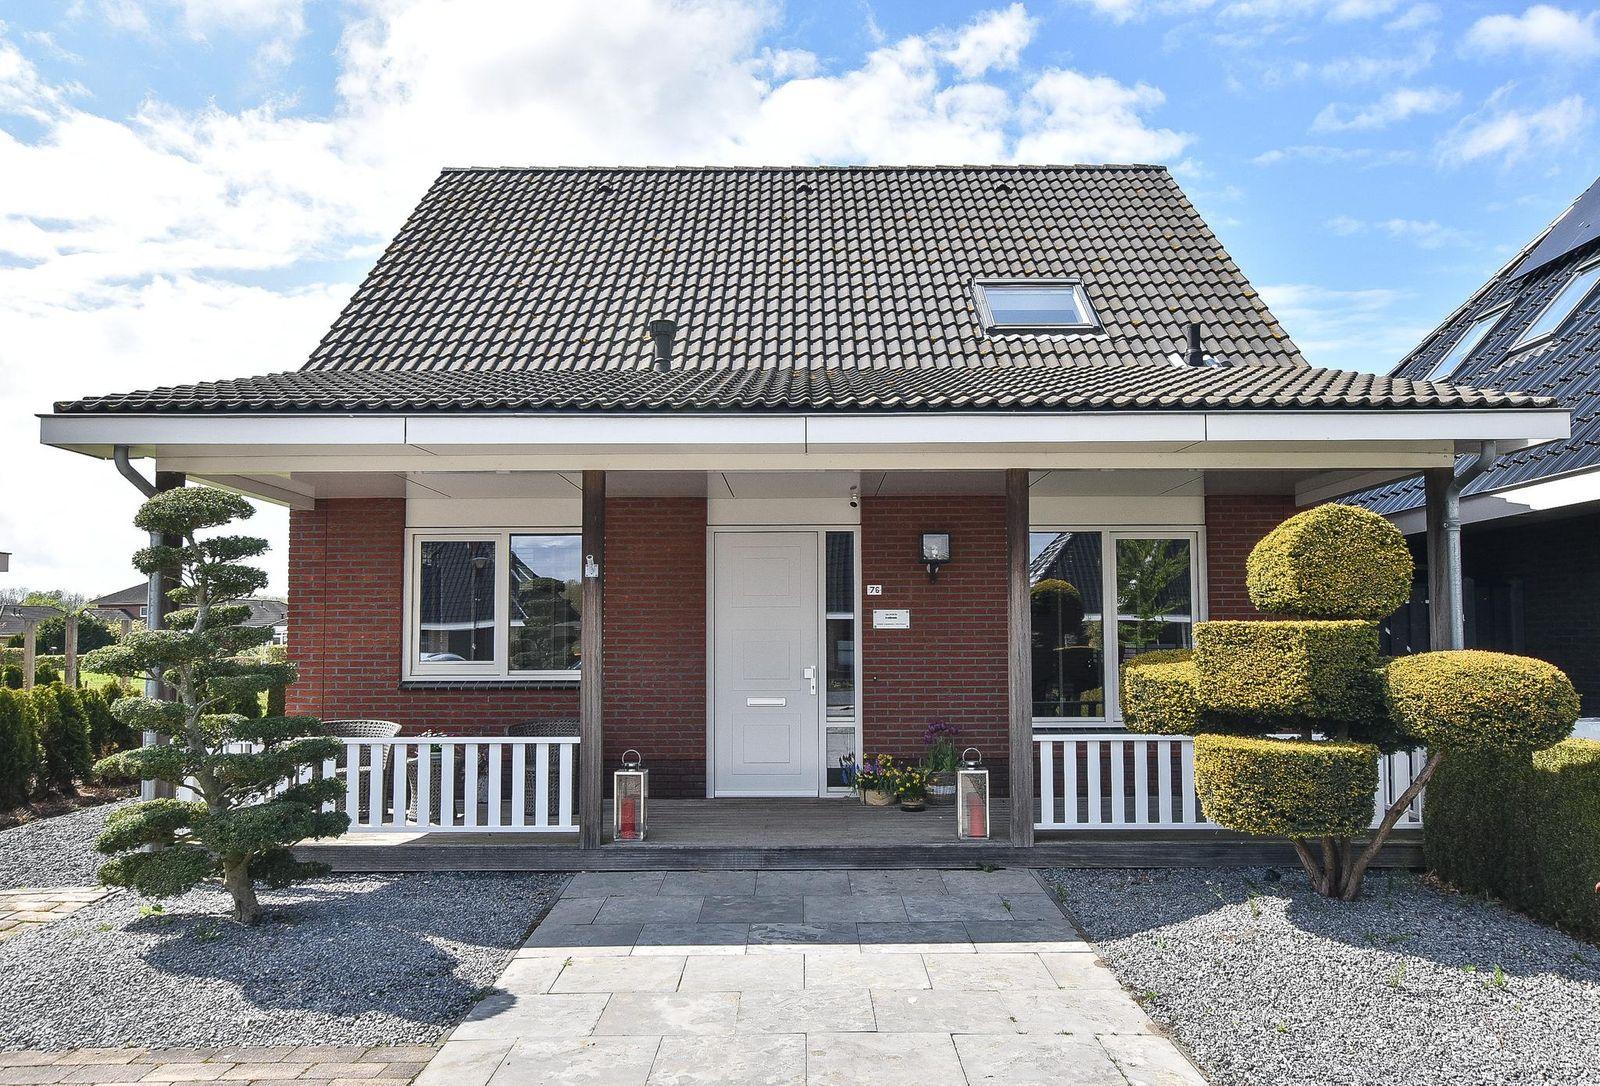 Vennendal 76, Lelystad